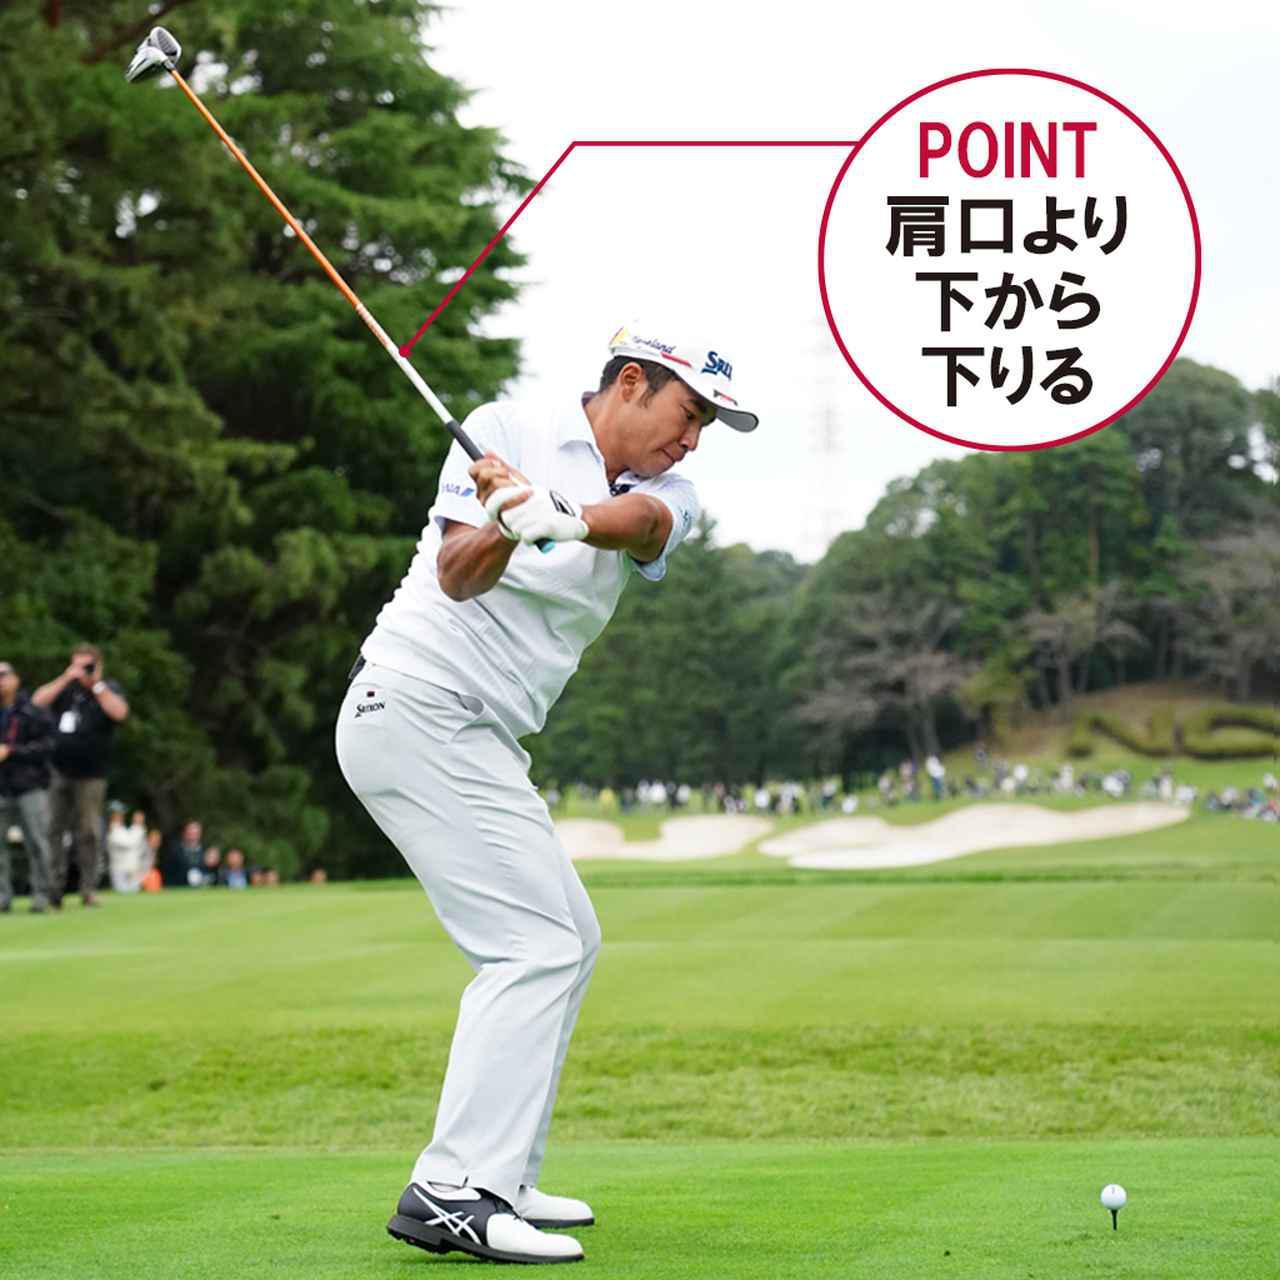 画像2: 【松山英樹】トップで止まらなくなった! 淀みなく超スムーズになった「切り返し動」スウィング解説